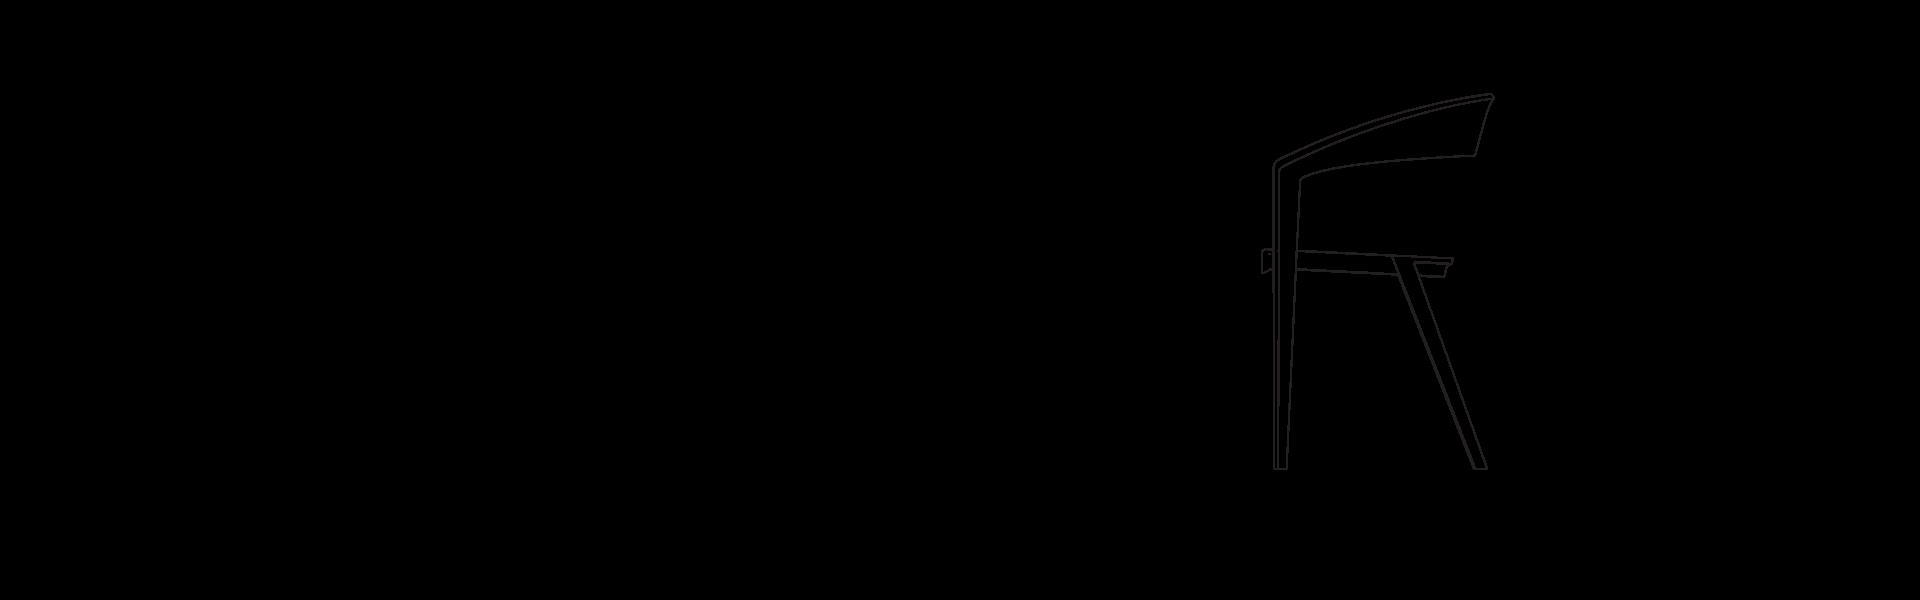 [ICZERO1] Módulos GIF